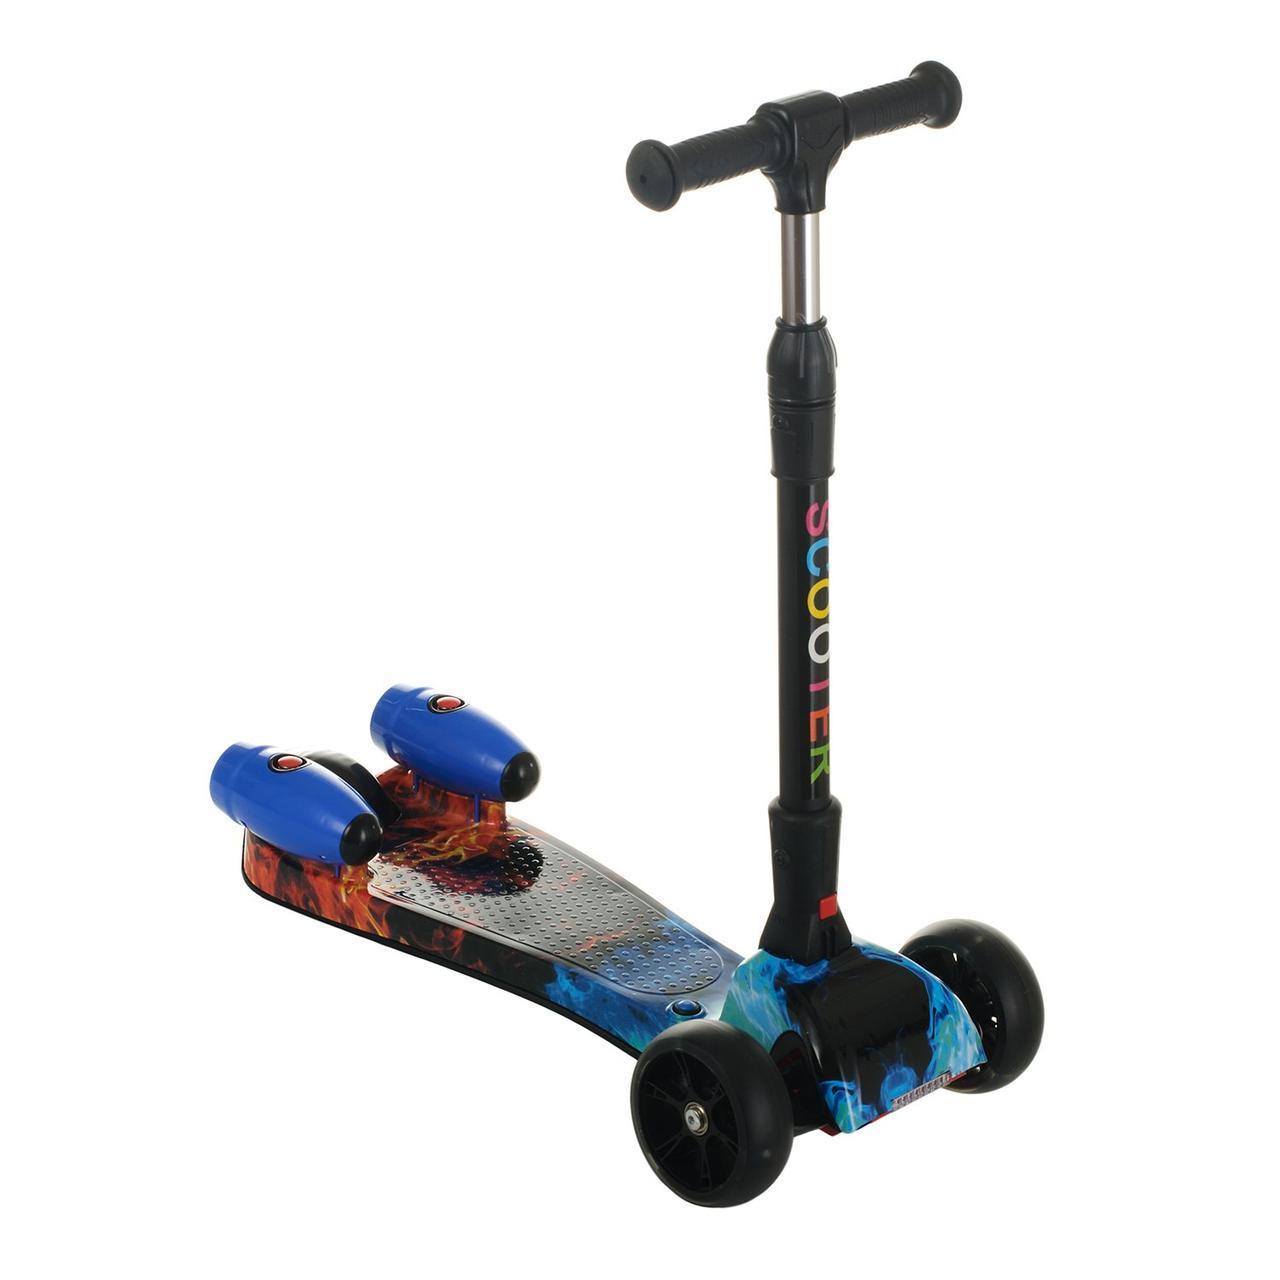 Детский трехколесный самокат со светящимися колесами, разноцветный